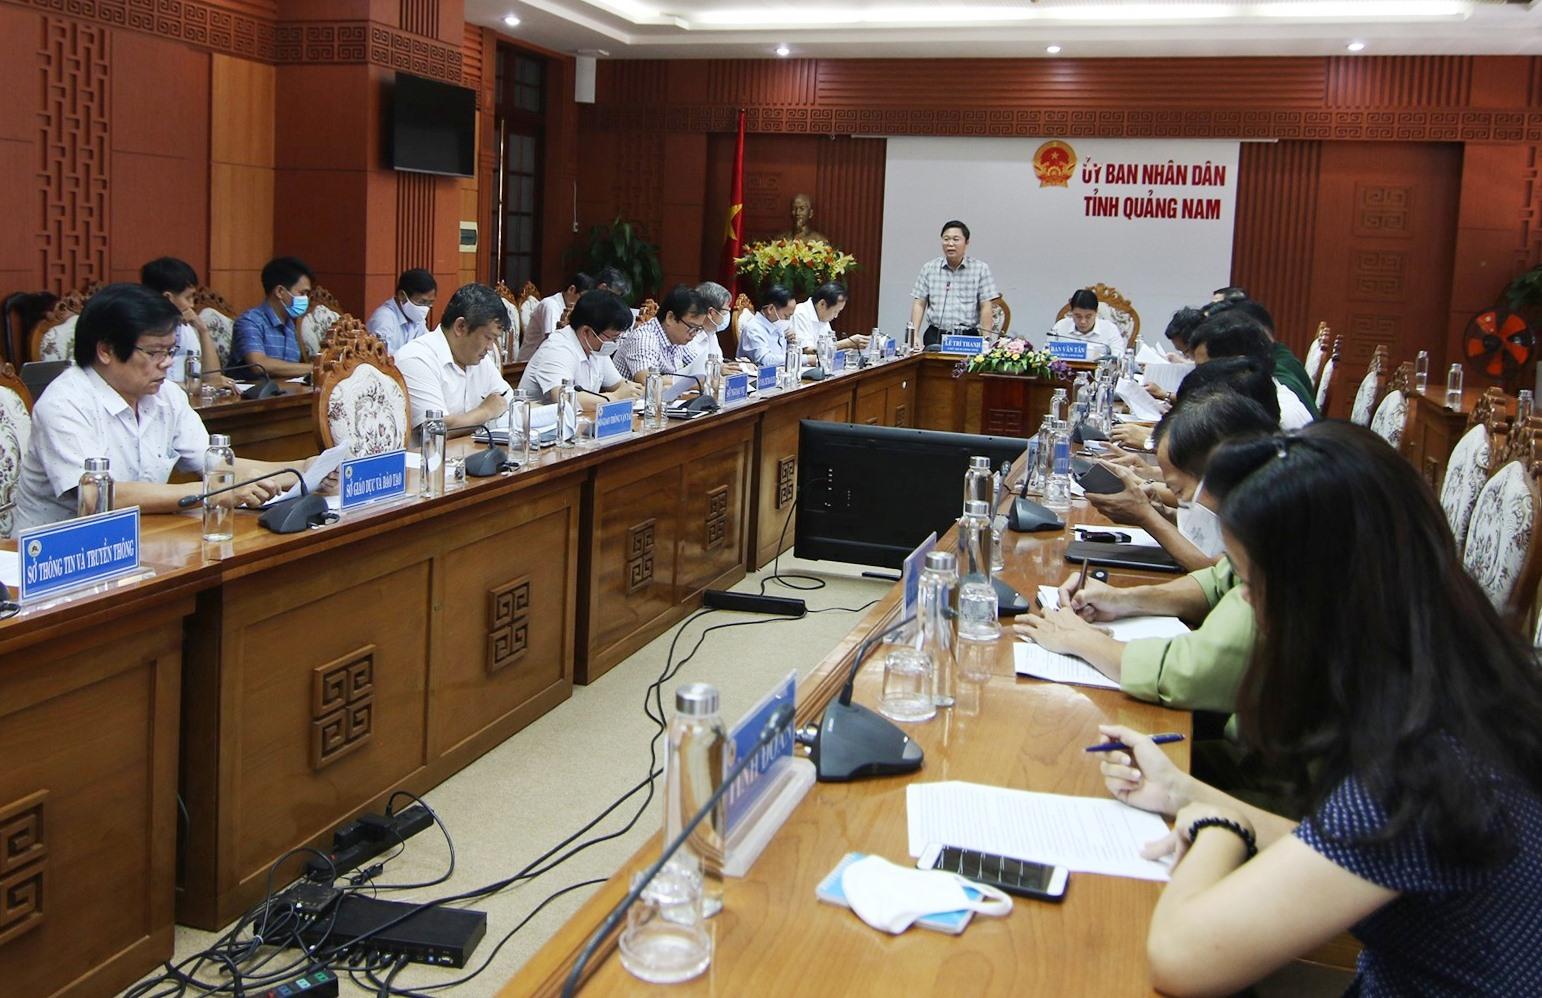 Chủ tịch UBND tỉnh Lê Trí Thanh phát biểu tại cuộc họp của ban chỉ đạo. Ảnh: T.C